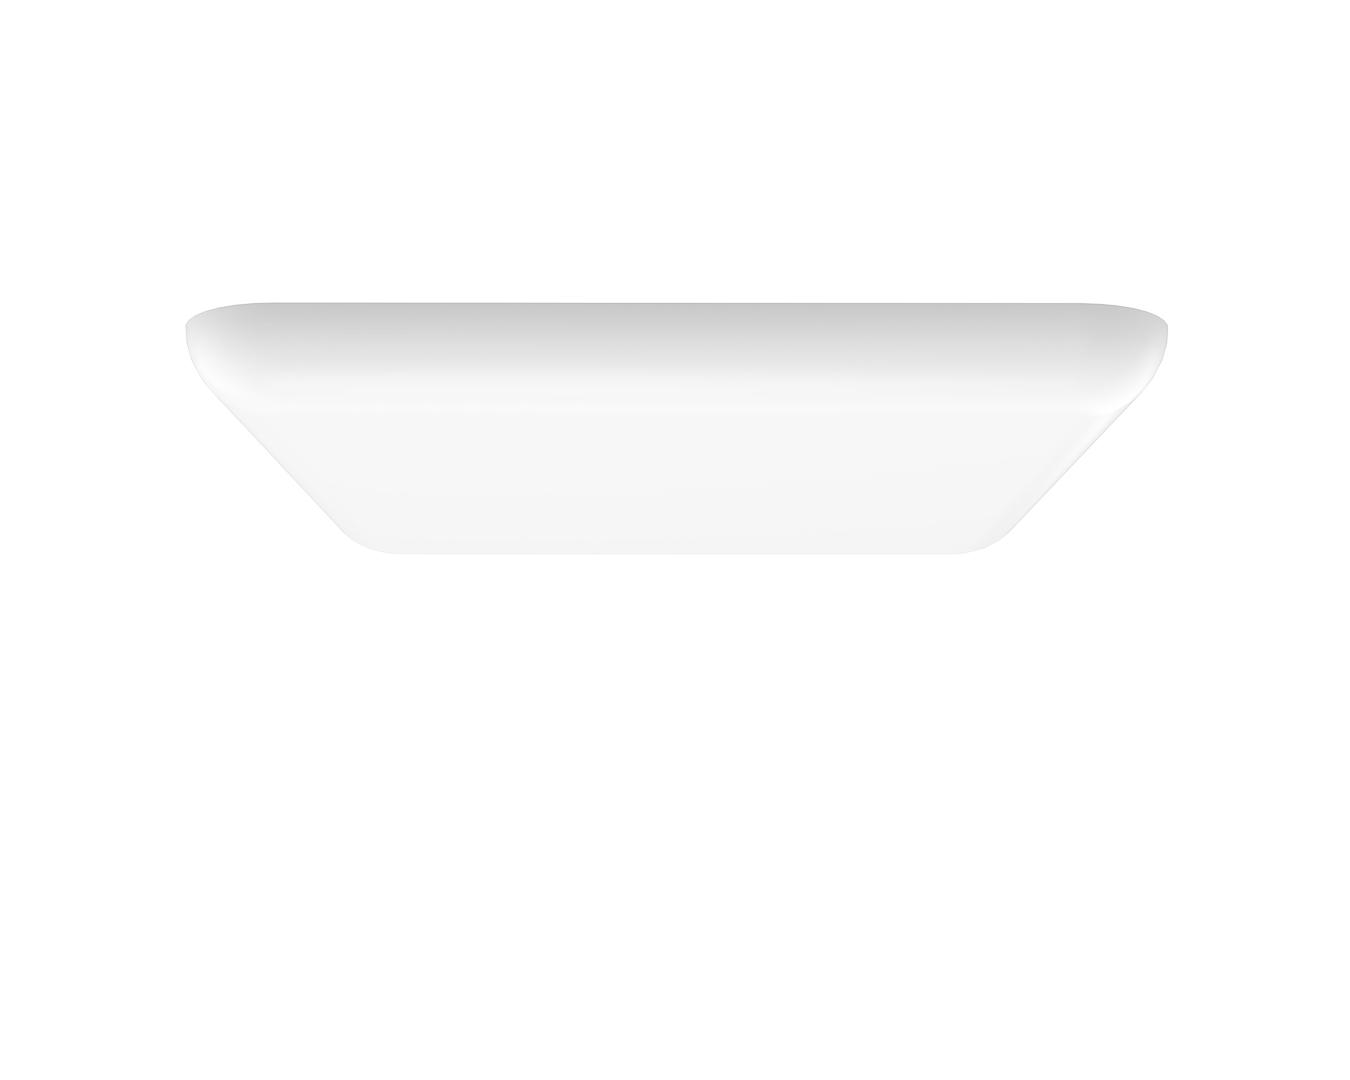 Vigor Floating Lens Troffer LED Vandal Resistant Lighting